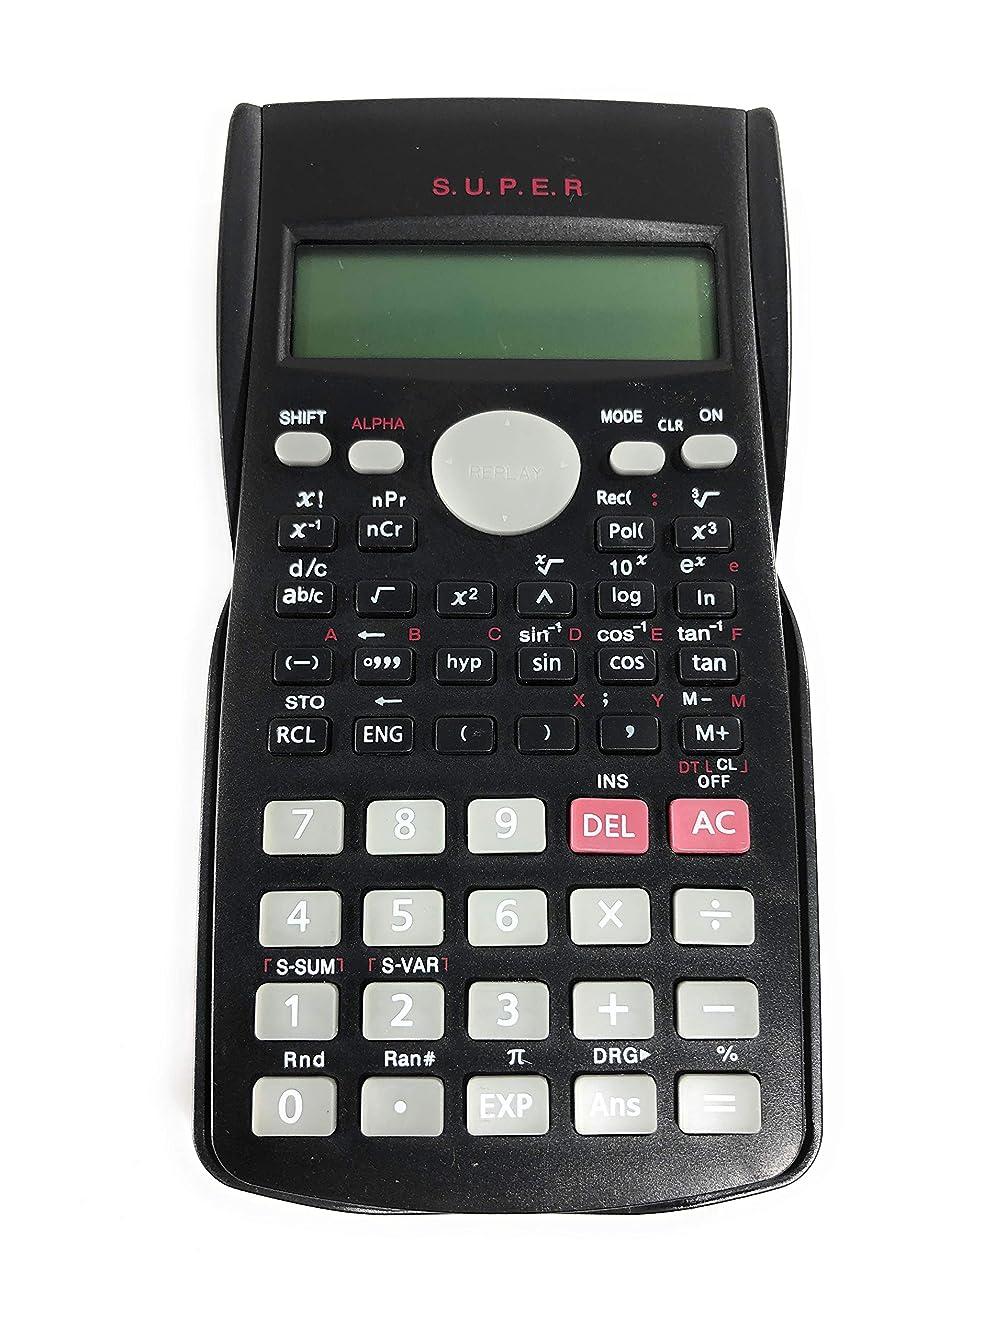 元のスラダム純粋な関数電卓 2列 多機能 12桁 消費 240機能 高校大学エンジニアリング会計部門 トリゴネタリーオフィス